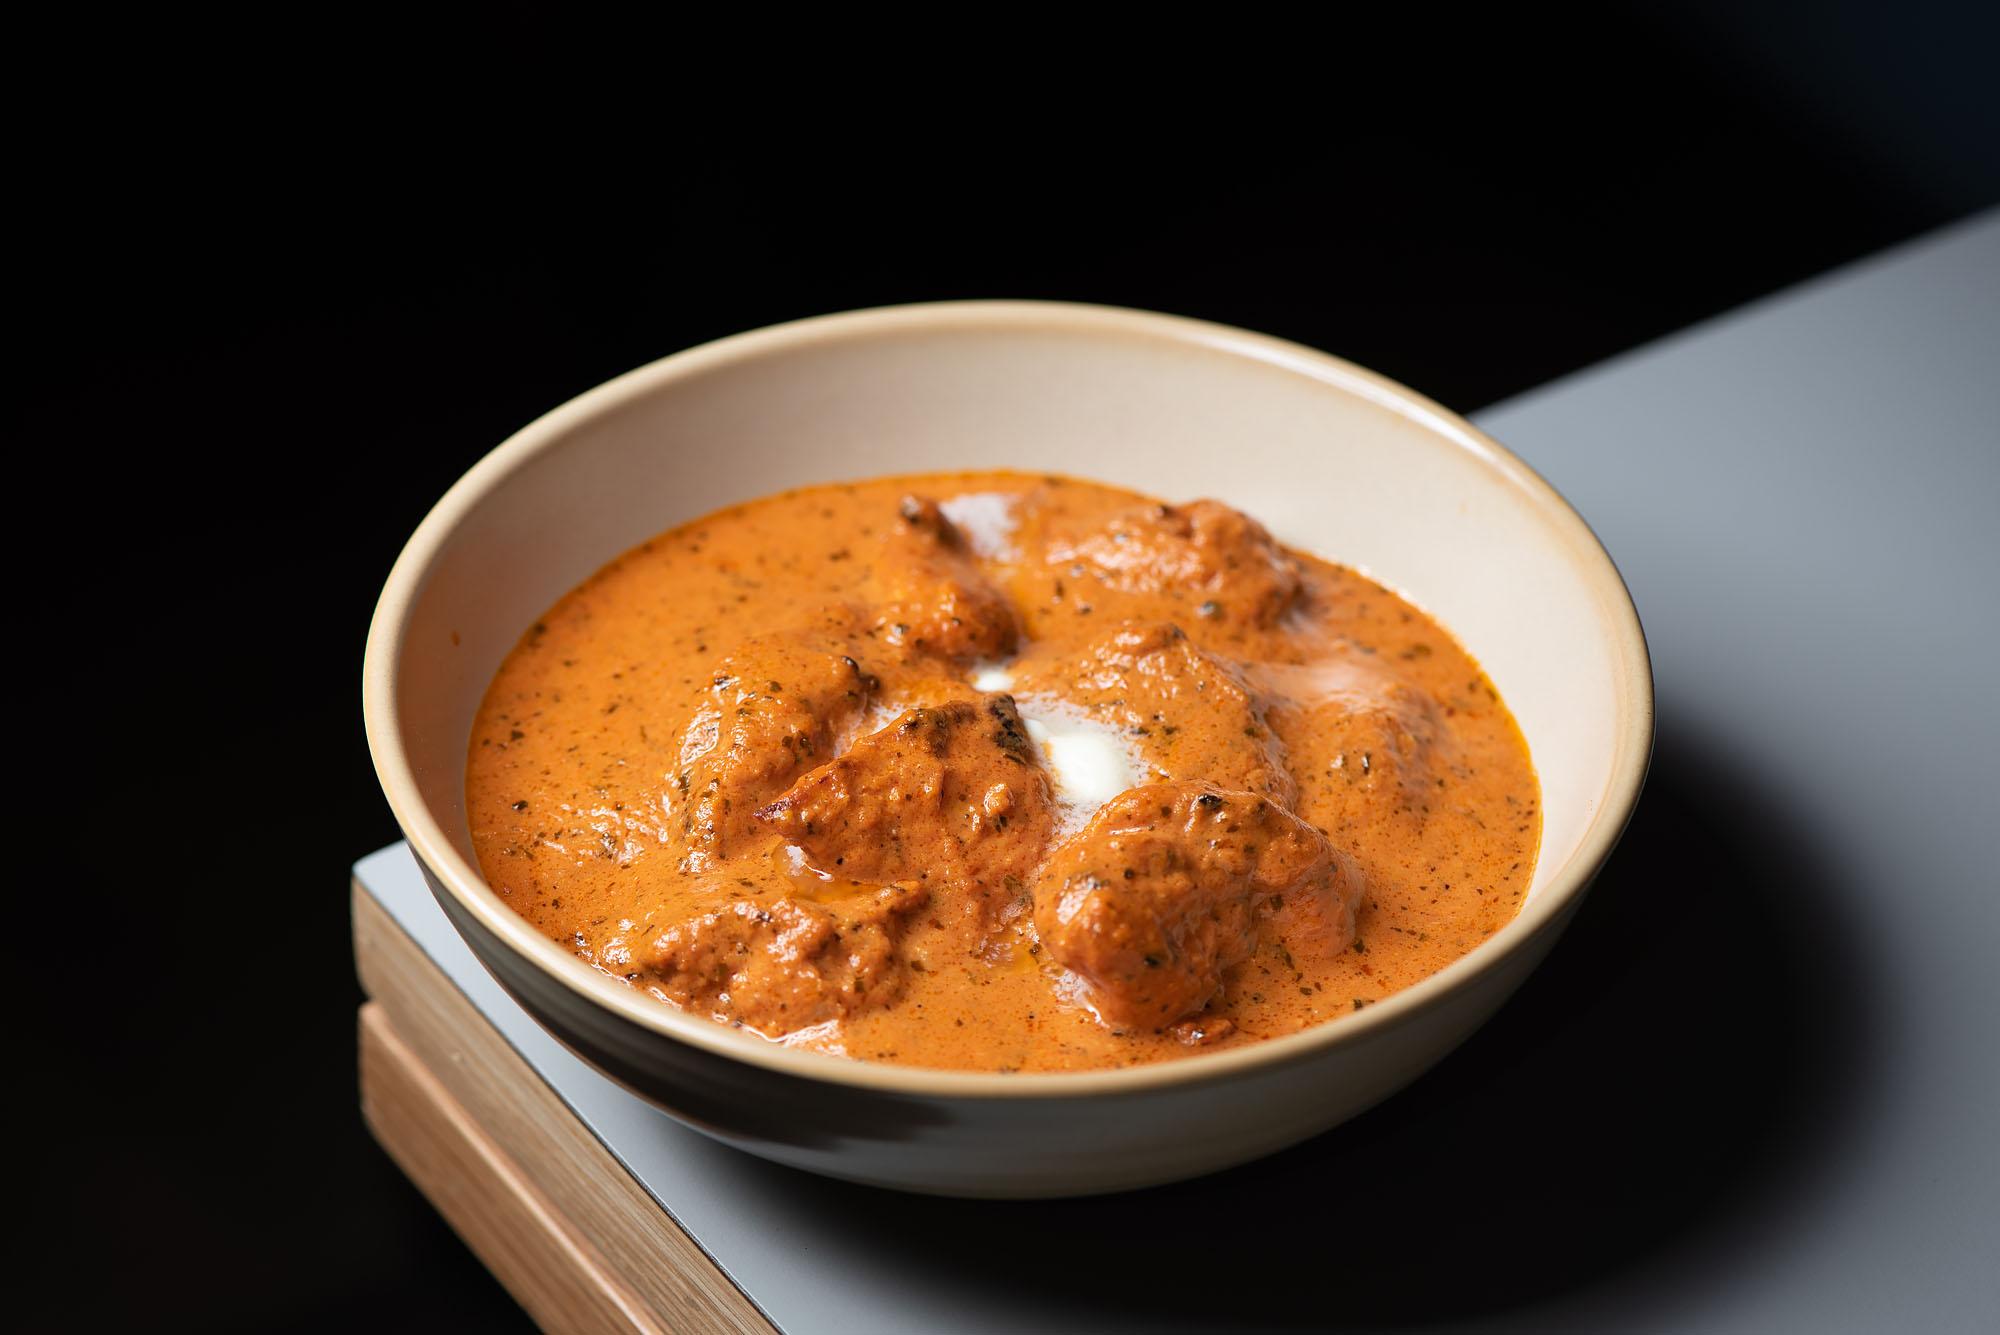 Badmaash Fairfax's orange bowl of curried chicken.